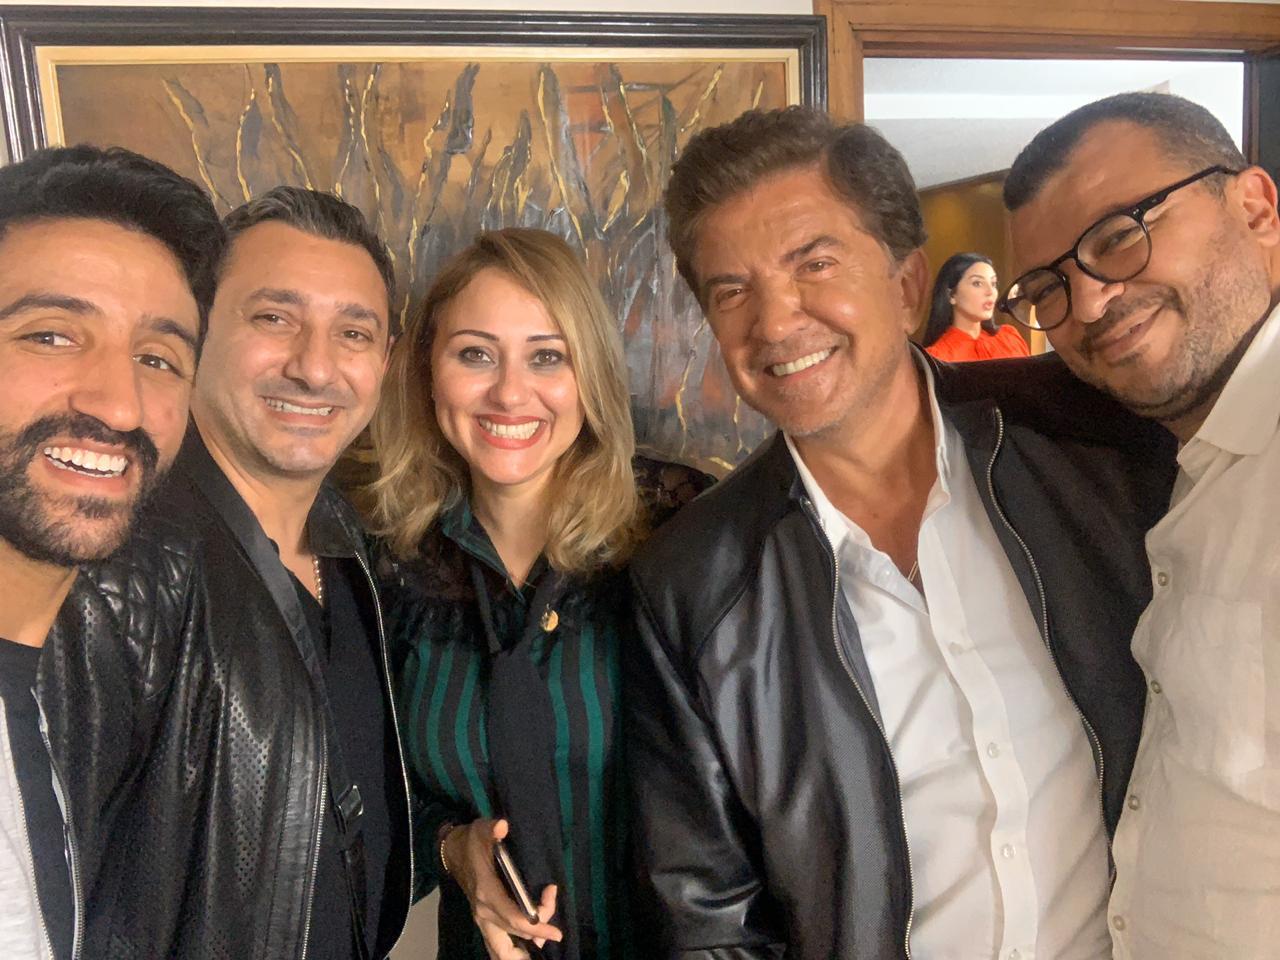 صورة وليد توفيق ضيف شرف في مسلسل داباتزيان المغربي